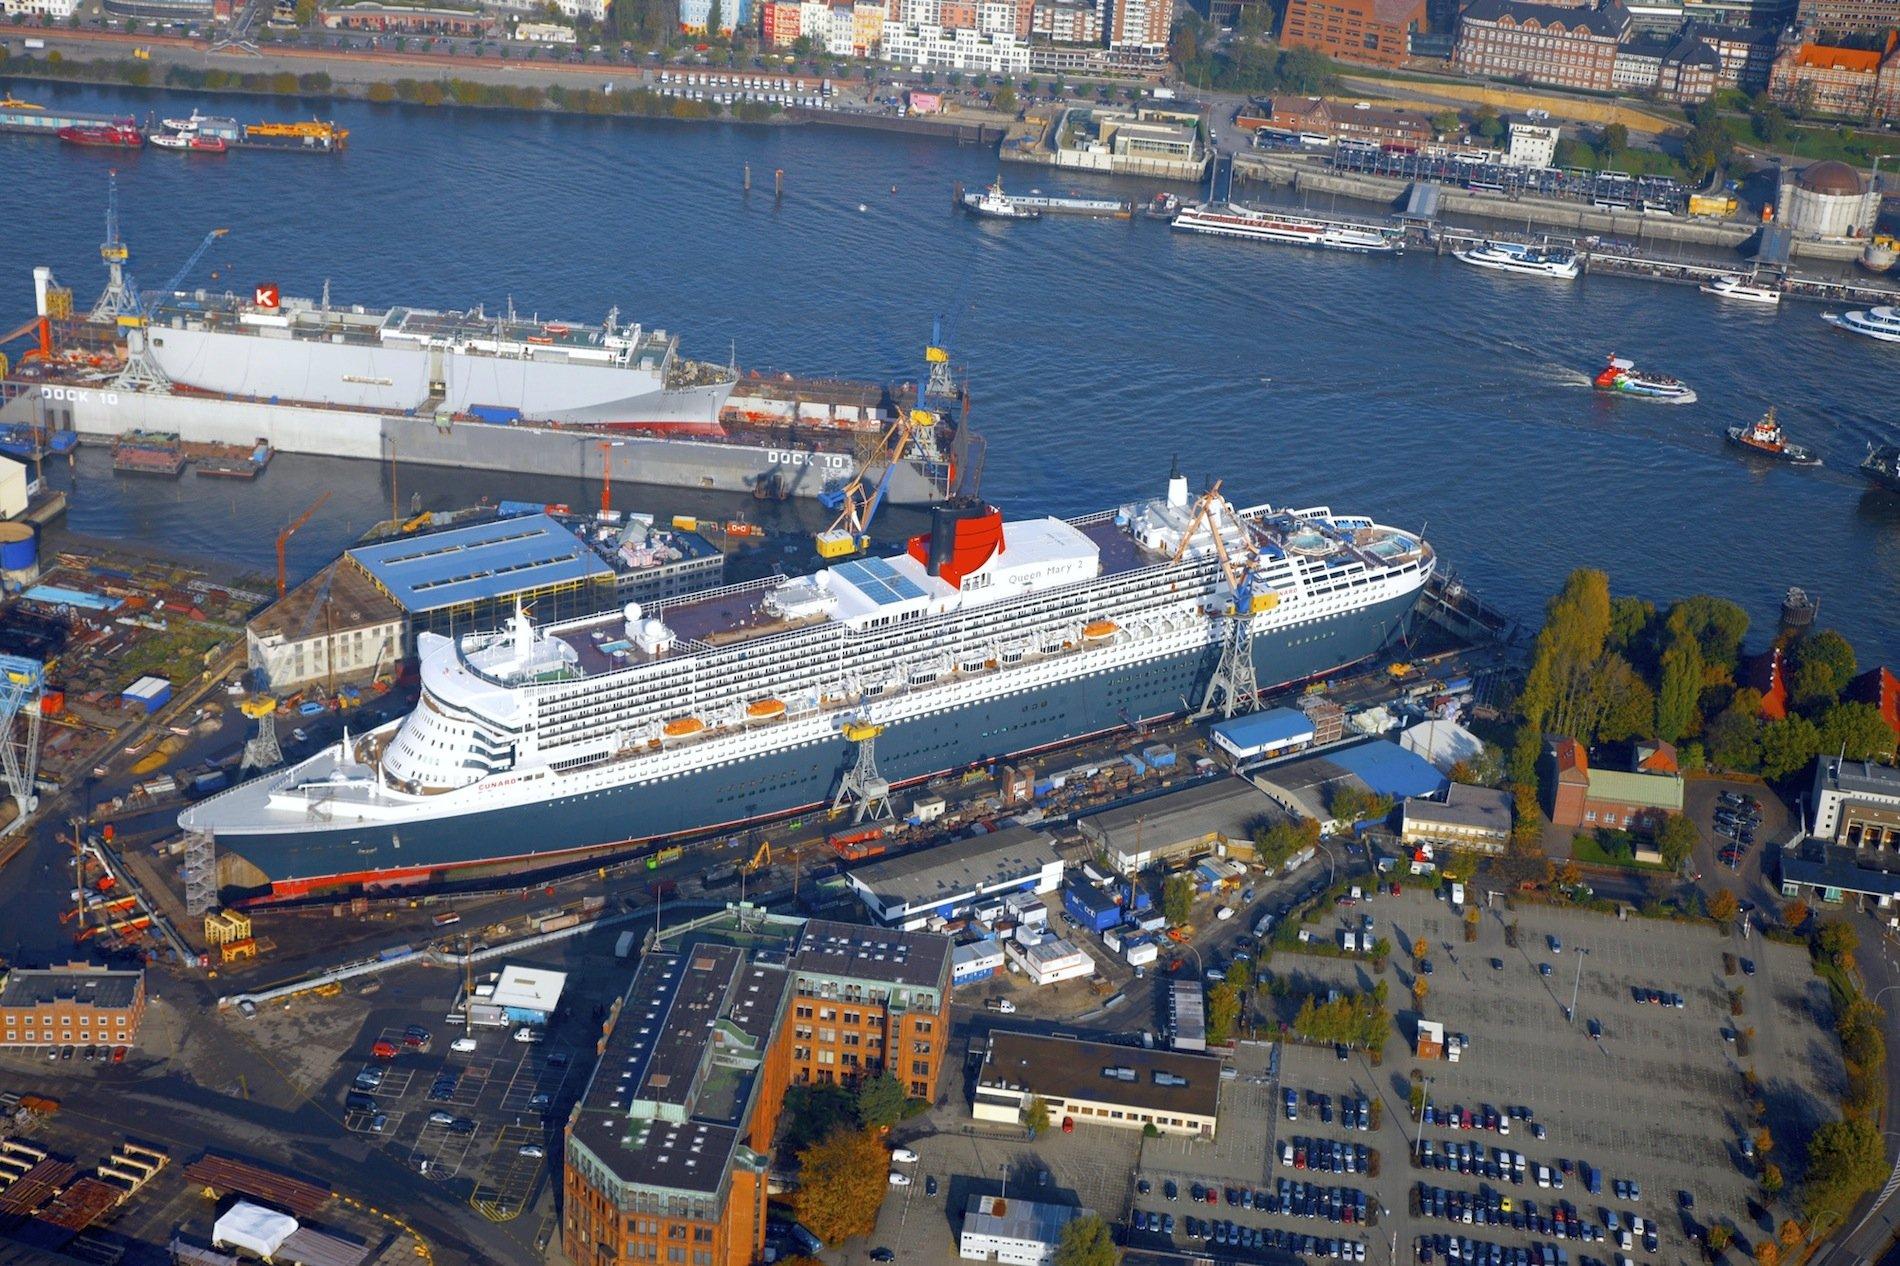 Die Queen Mary im Dock 17 der Hamburger Werft Blohm + Voss: Am Sonntag wird auch die Quantum of the Sees in dem Dock anlegen. In der Werft werden noch einige Mängel beseitigt, die auf der Probefahrt in der Nordsee festgestellt wurden. Anschließend fährt das größte je in Deutschland gebaute Kreuzfahrtschiff zur Taufe nach New York.